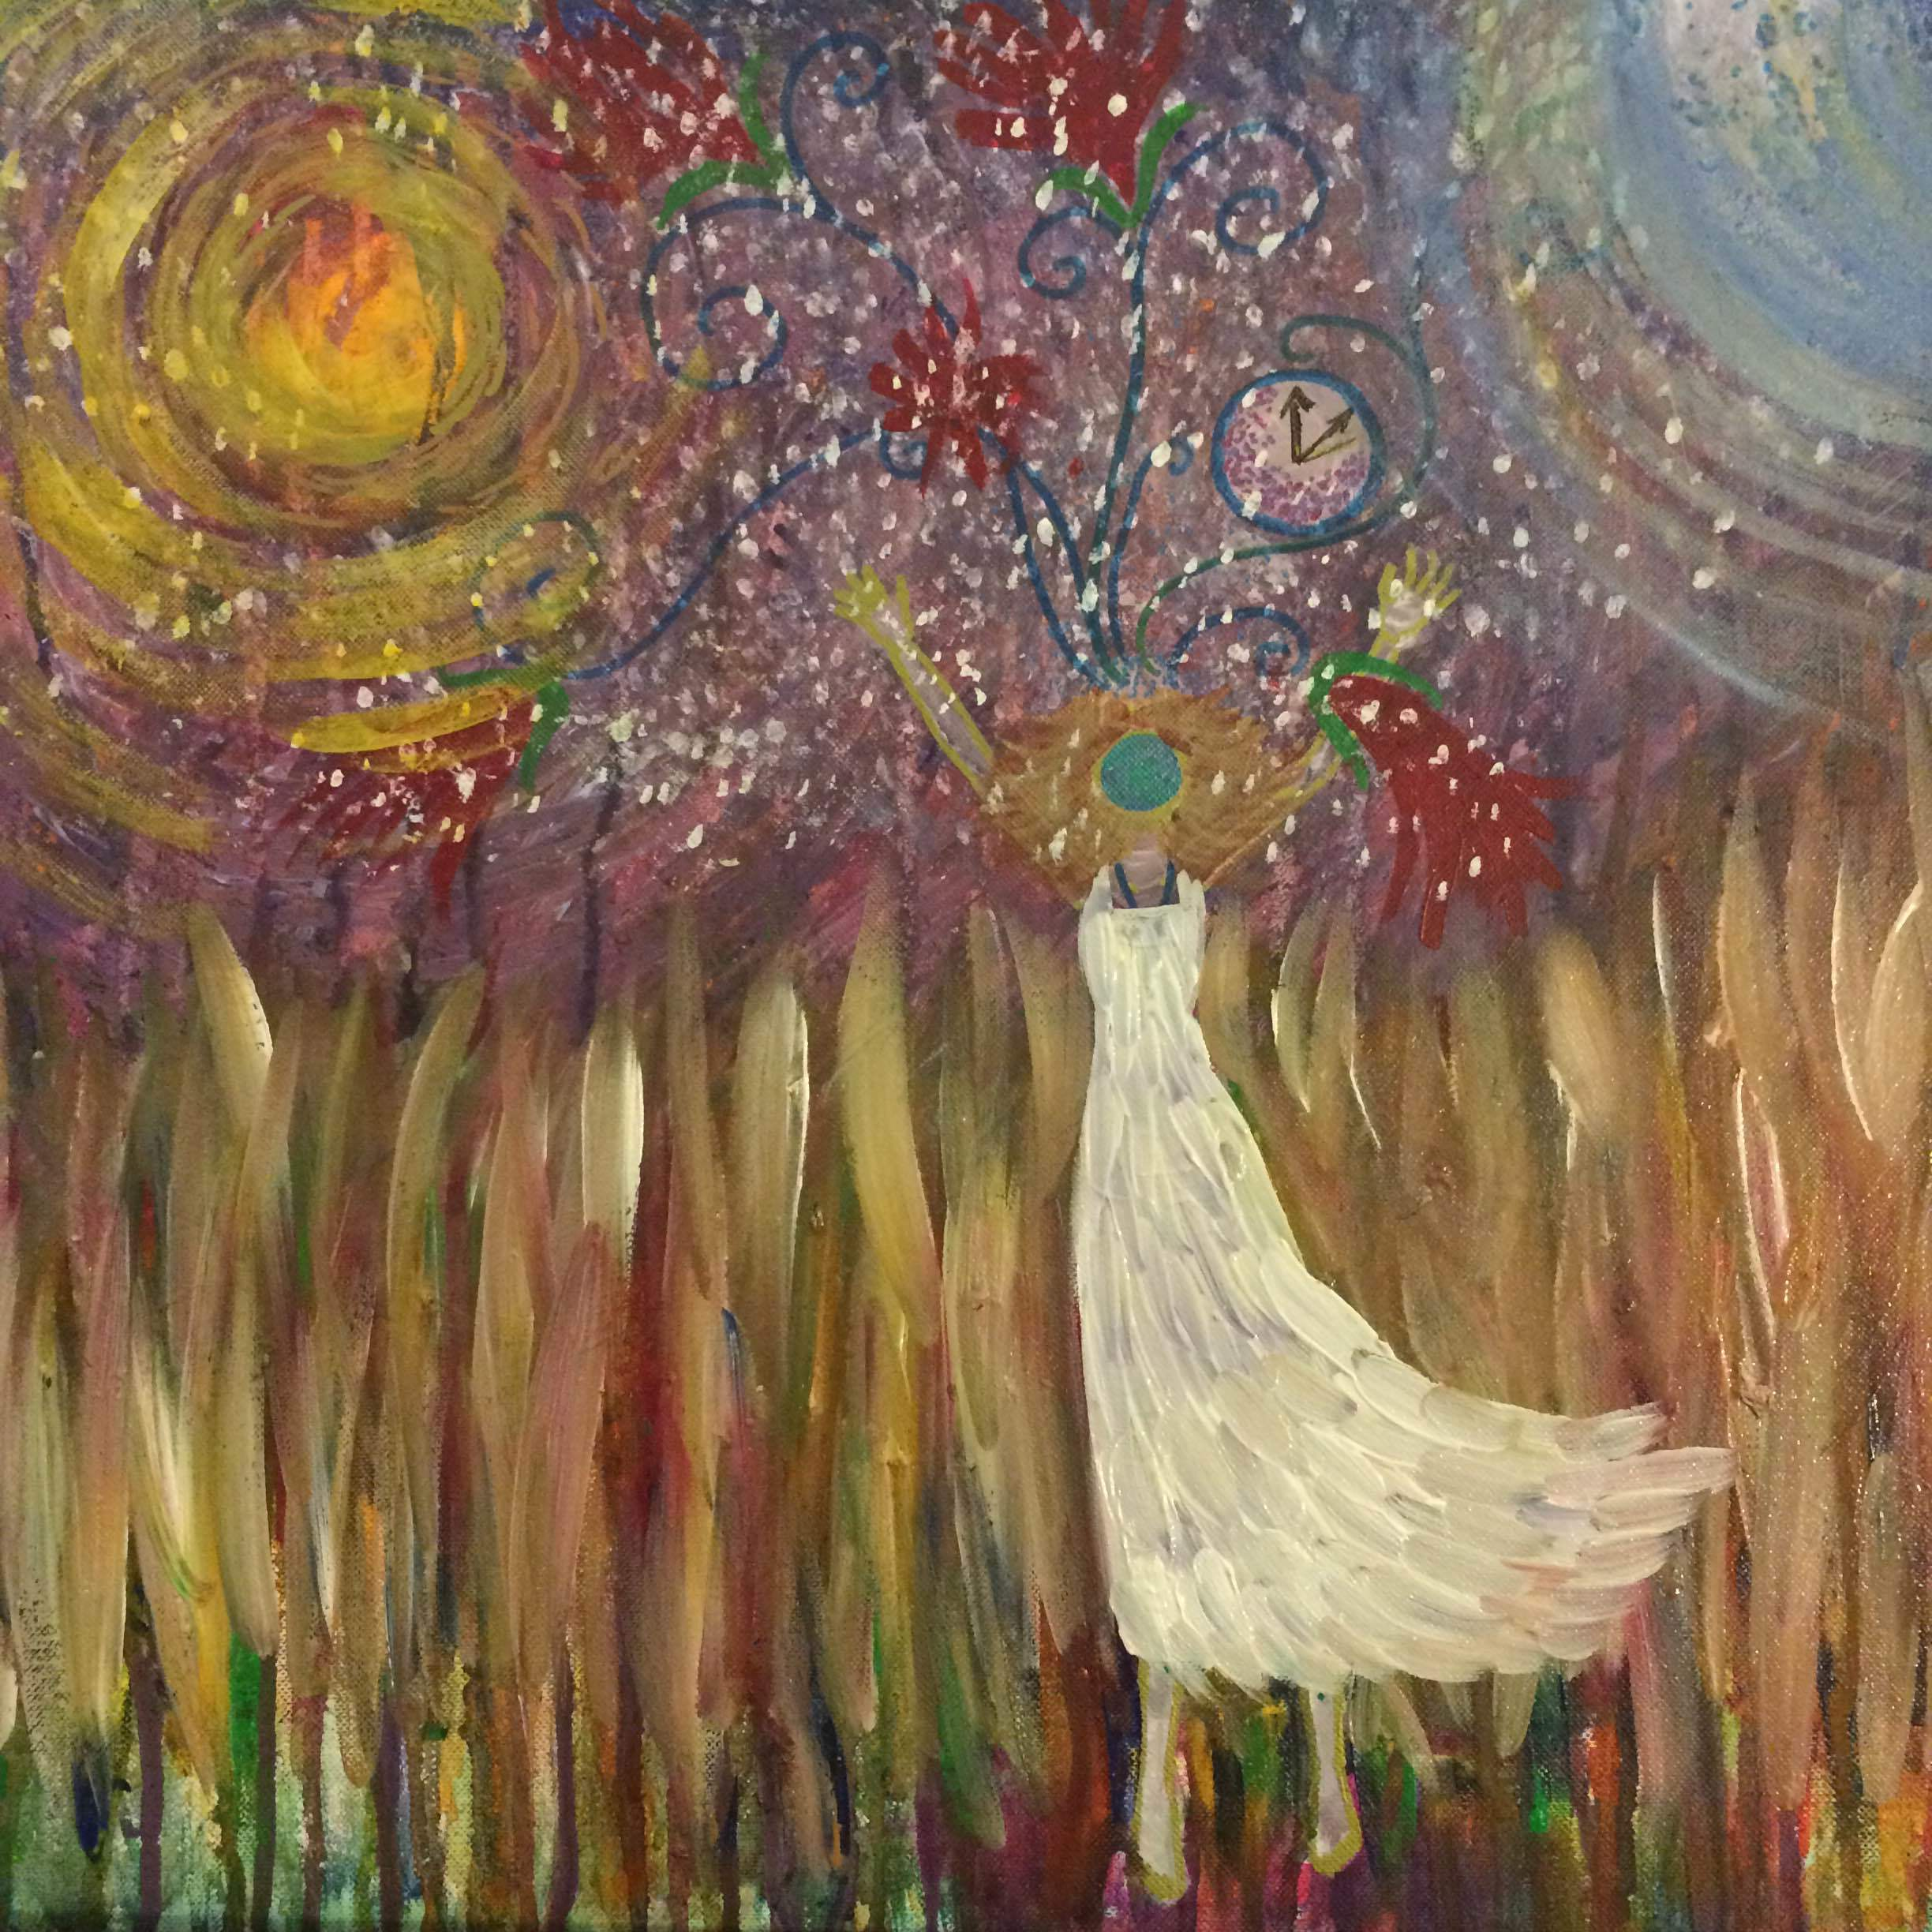 Painting by Amanda Kelly Espiritu